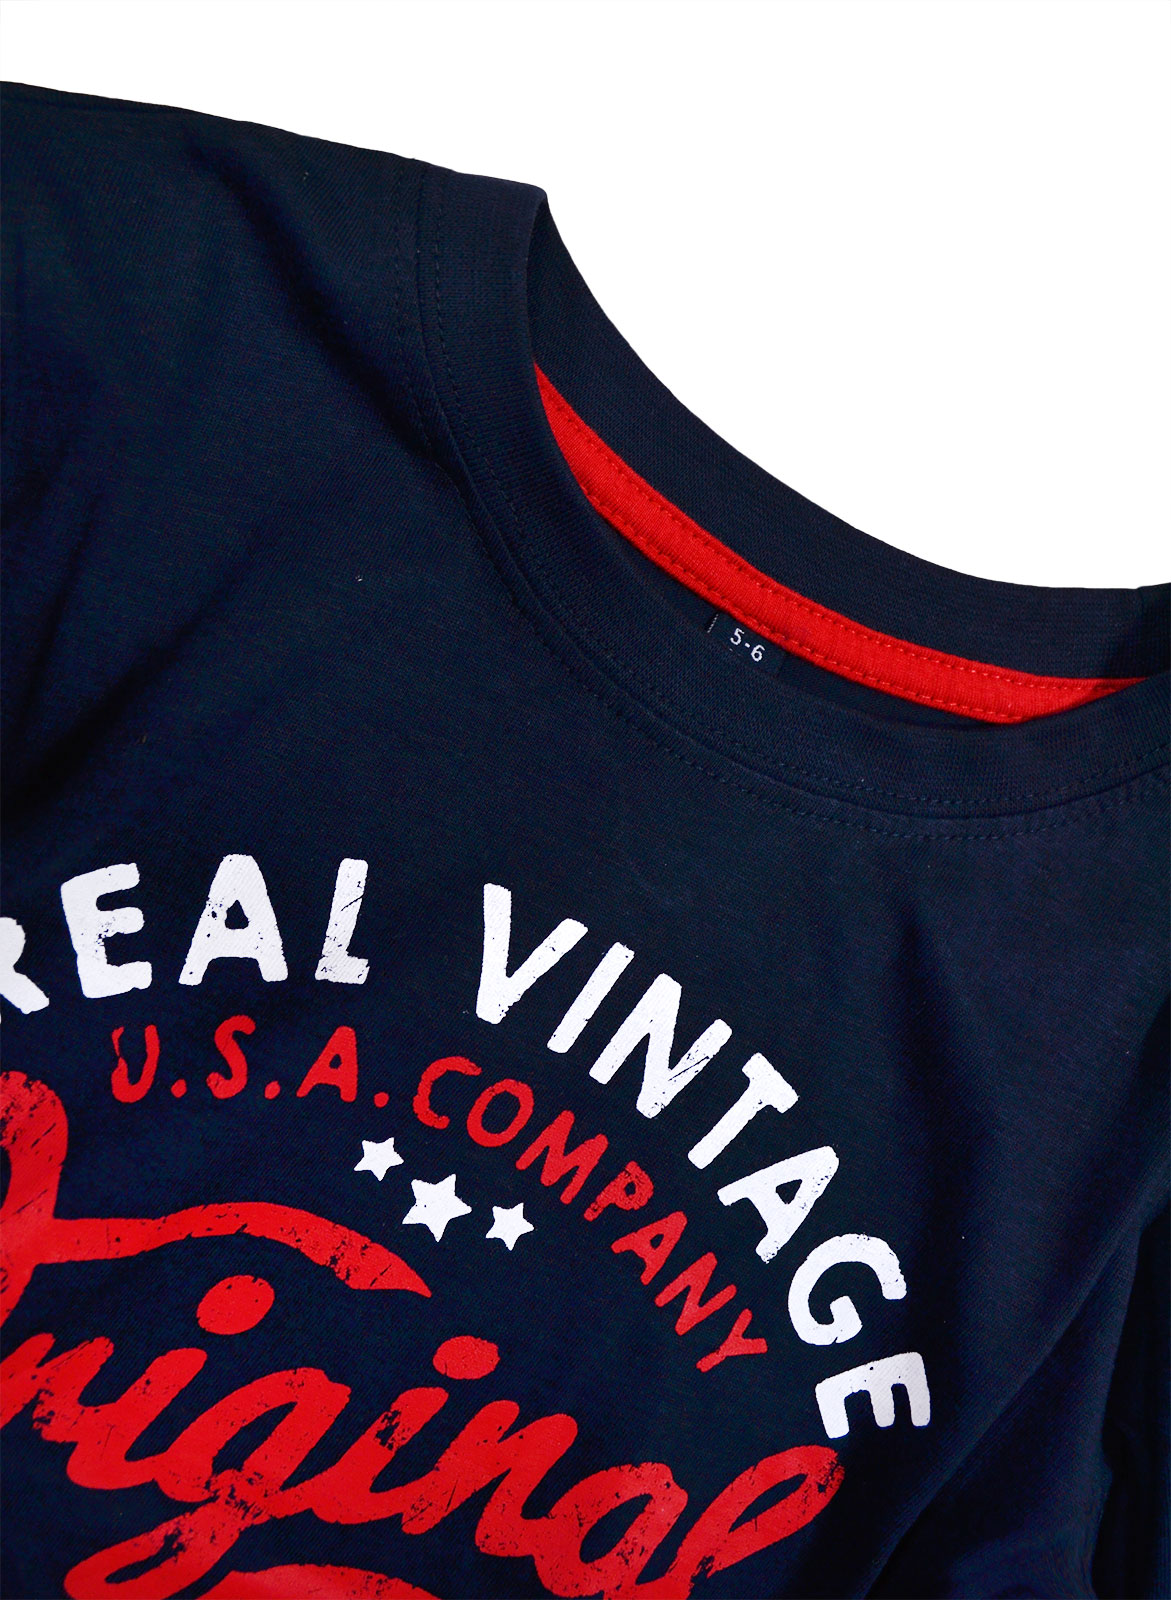 Garcons-Neuf-en-coton-T-shirt-a-encolure-ras-du-cou-d-039-ete-Enfant-Top-2-3-4-5-6-7-8-9-10-11-12-13 miniature 12